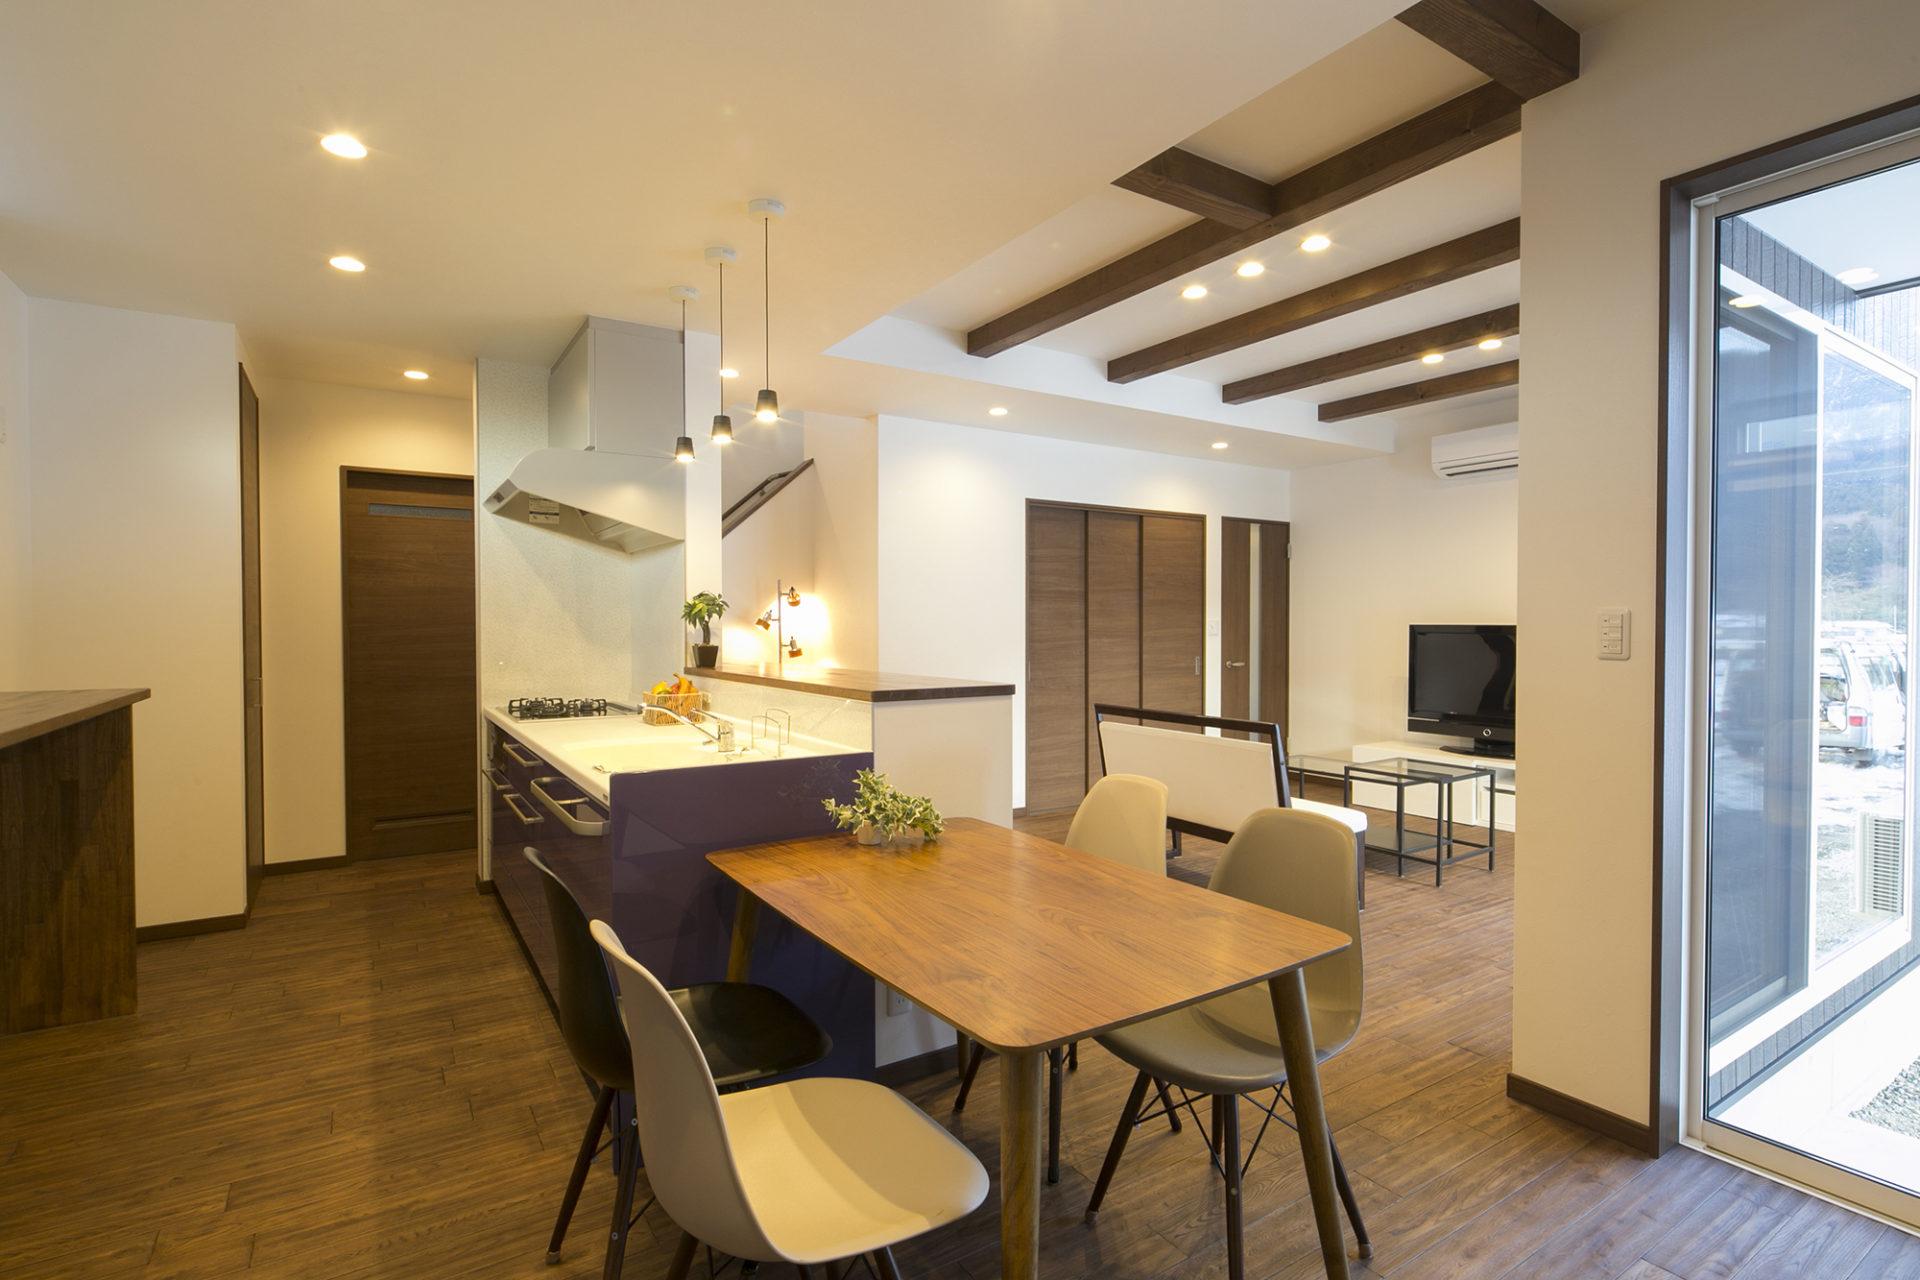 落ち着いた空間と藤色のキッチンが優しい時間を刻む家5